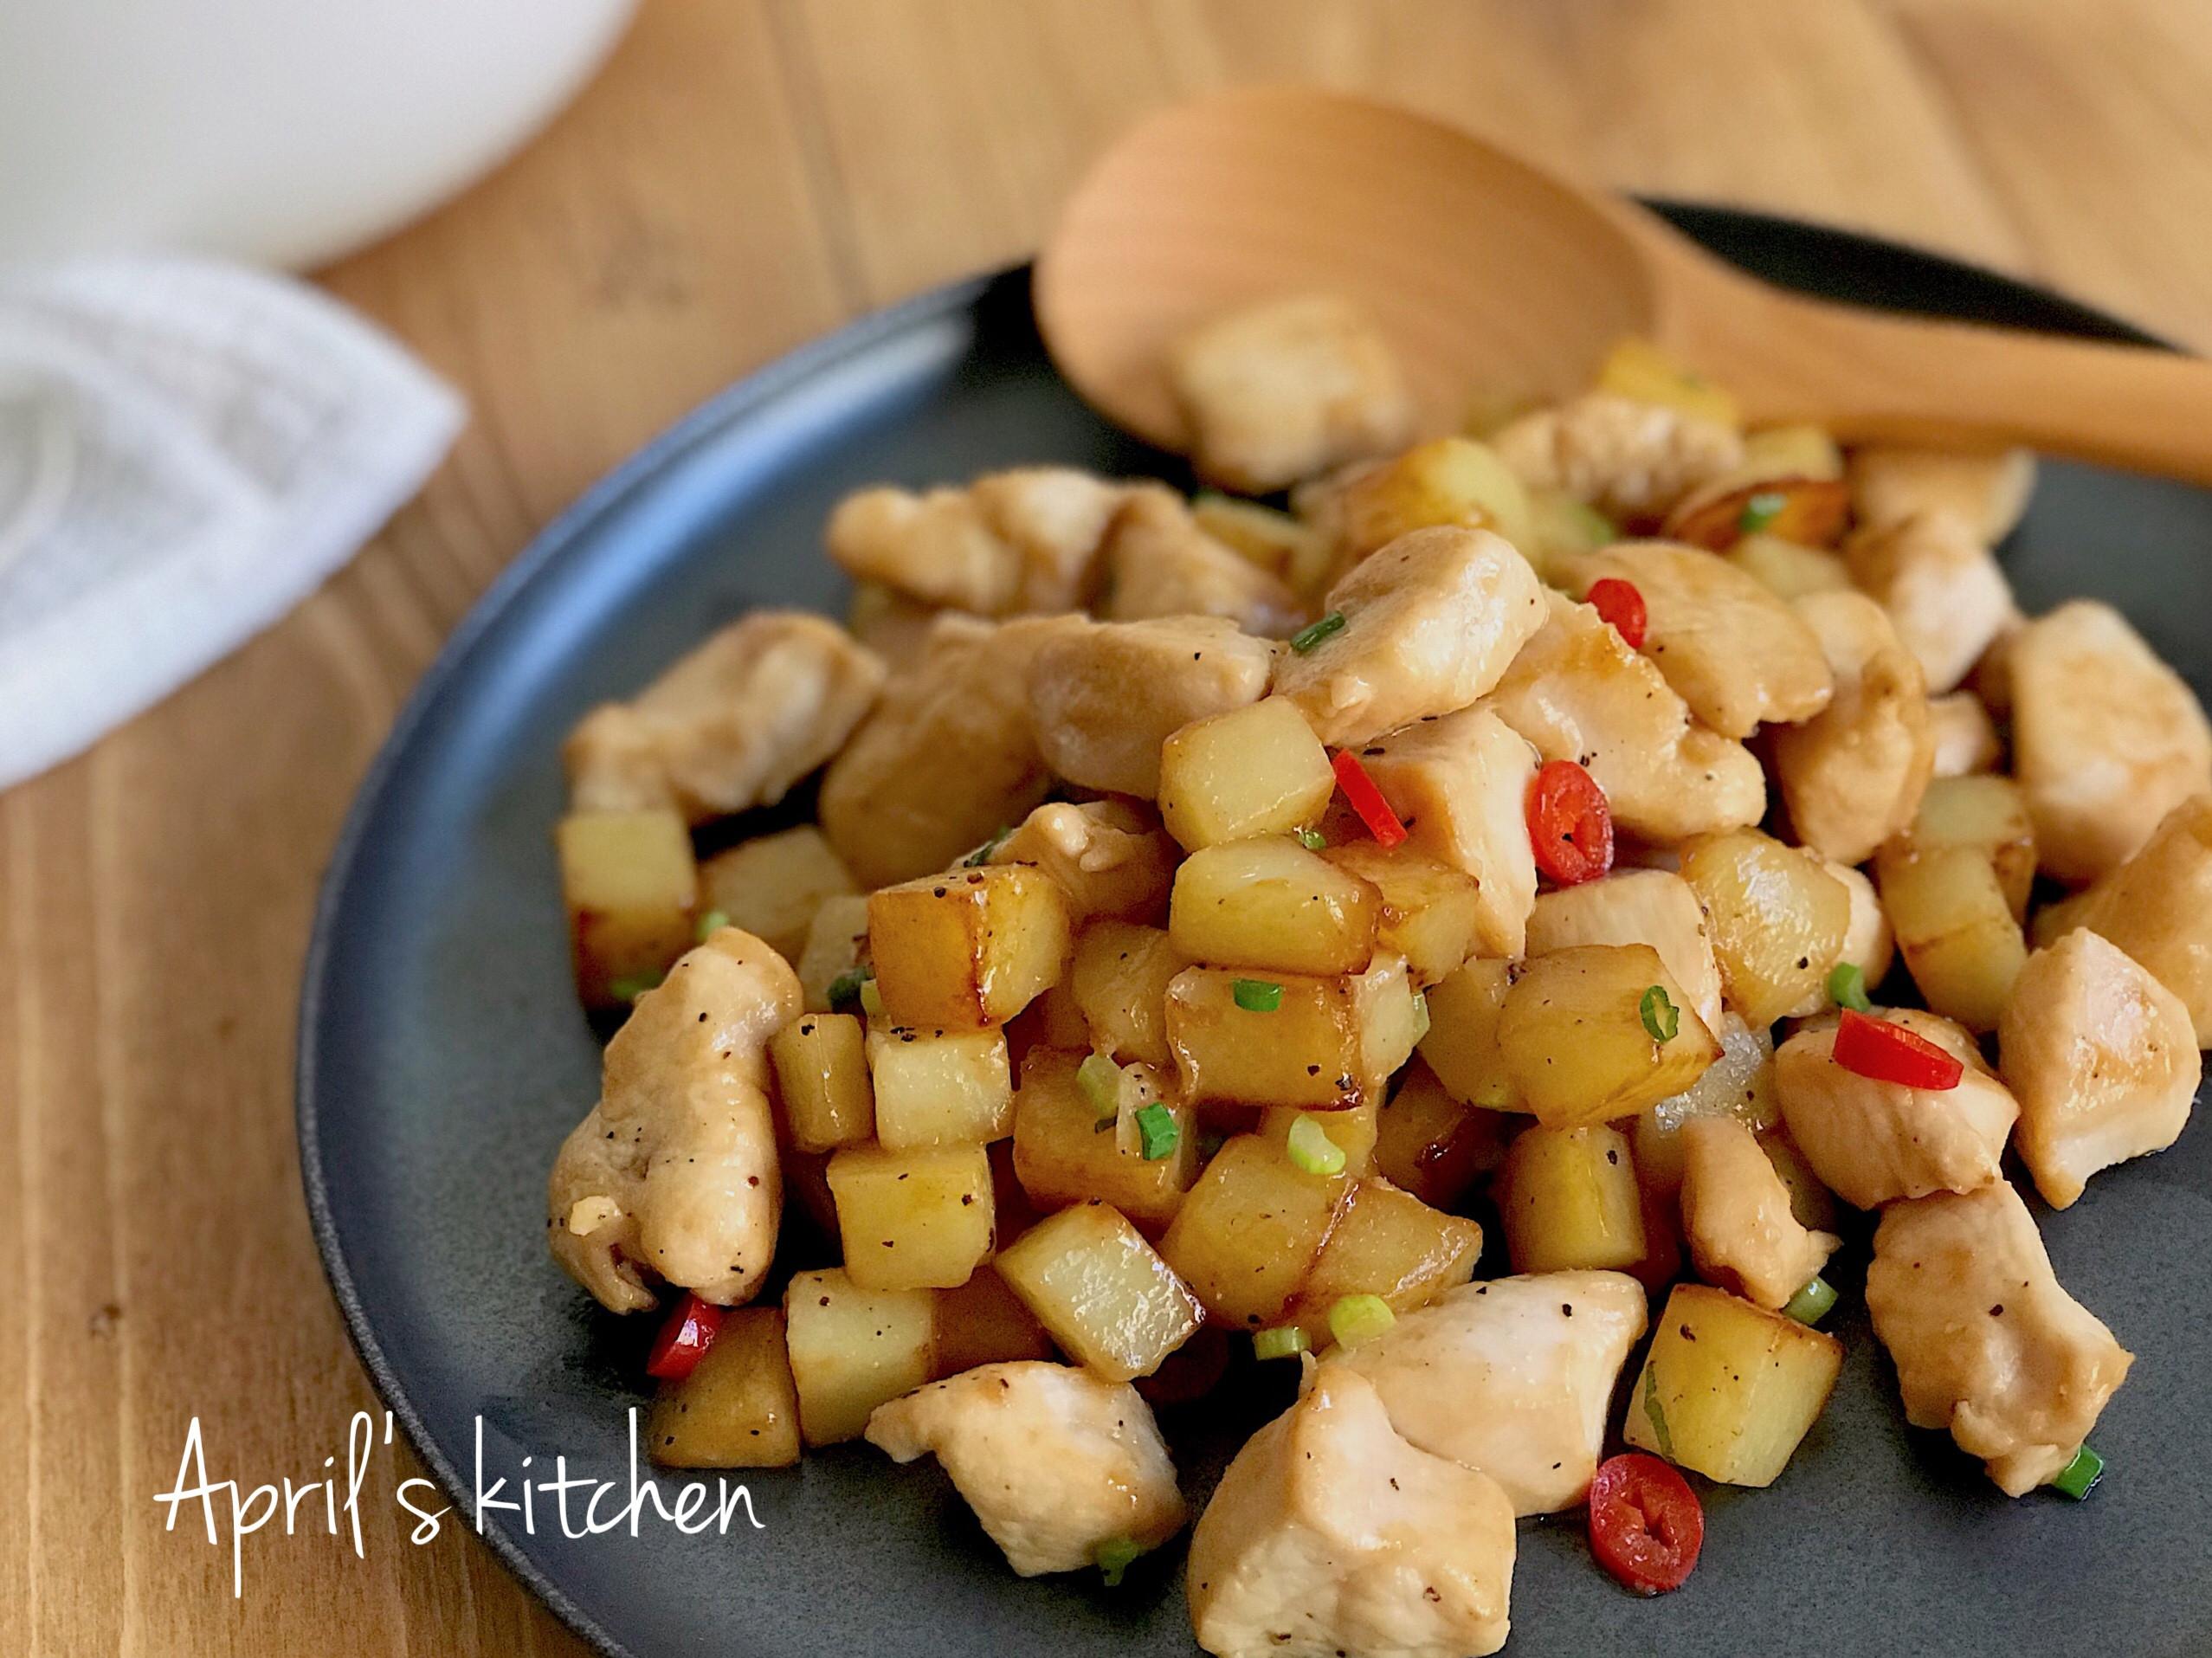 醬煎馬鈴薯雞丁 15分鐘輕鬆搞定